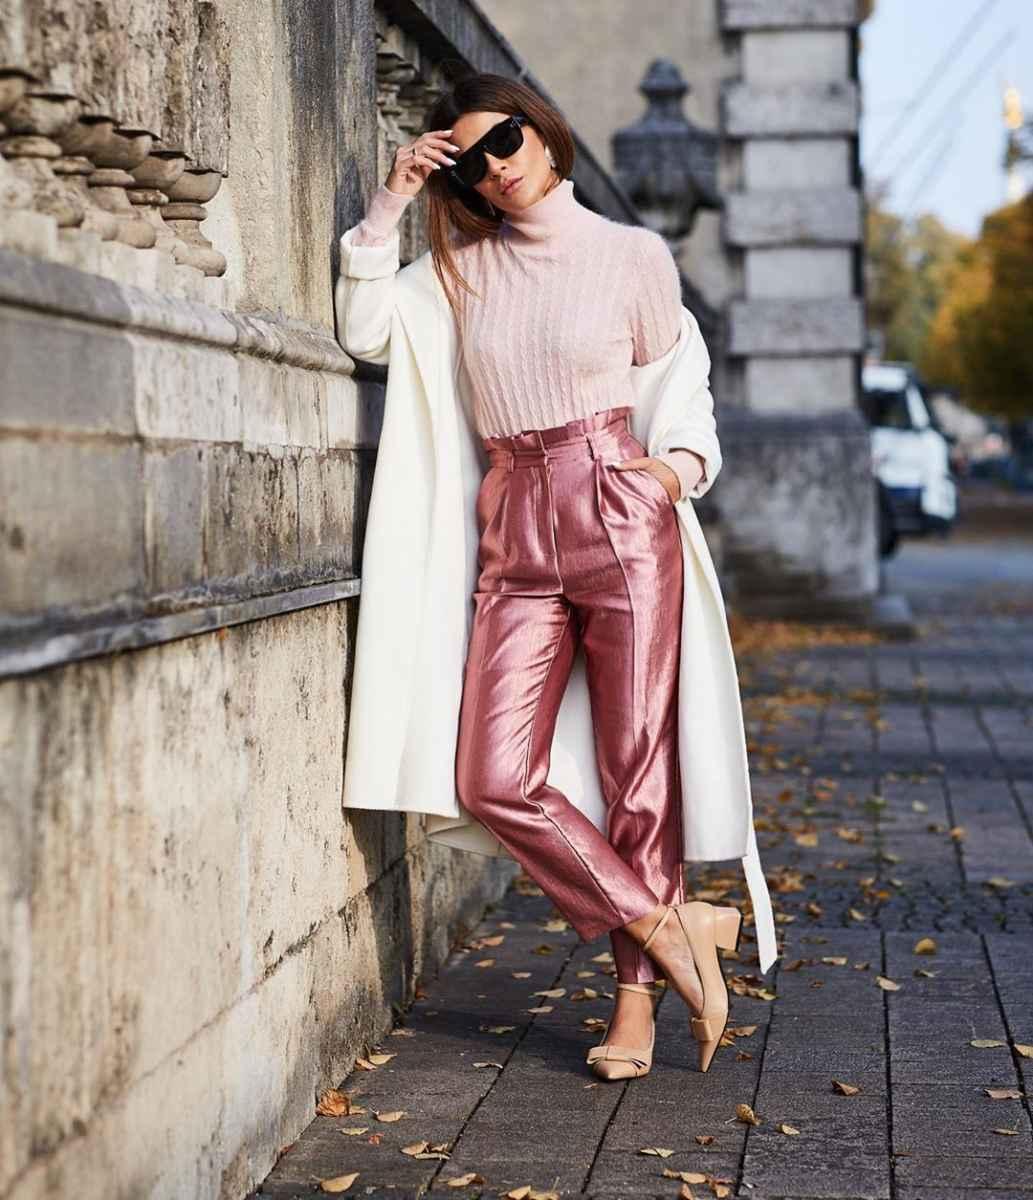 Базовый гардероб для женщины 30 лет фото_11